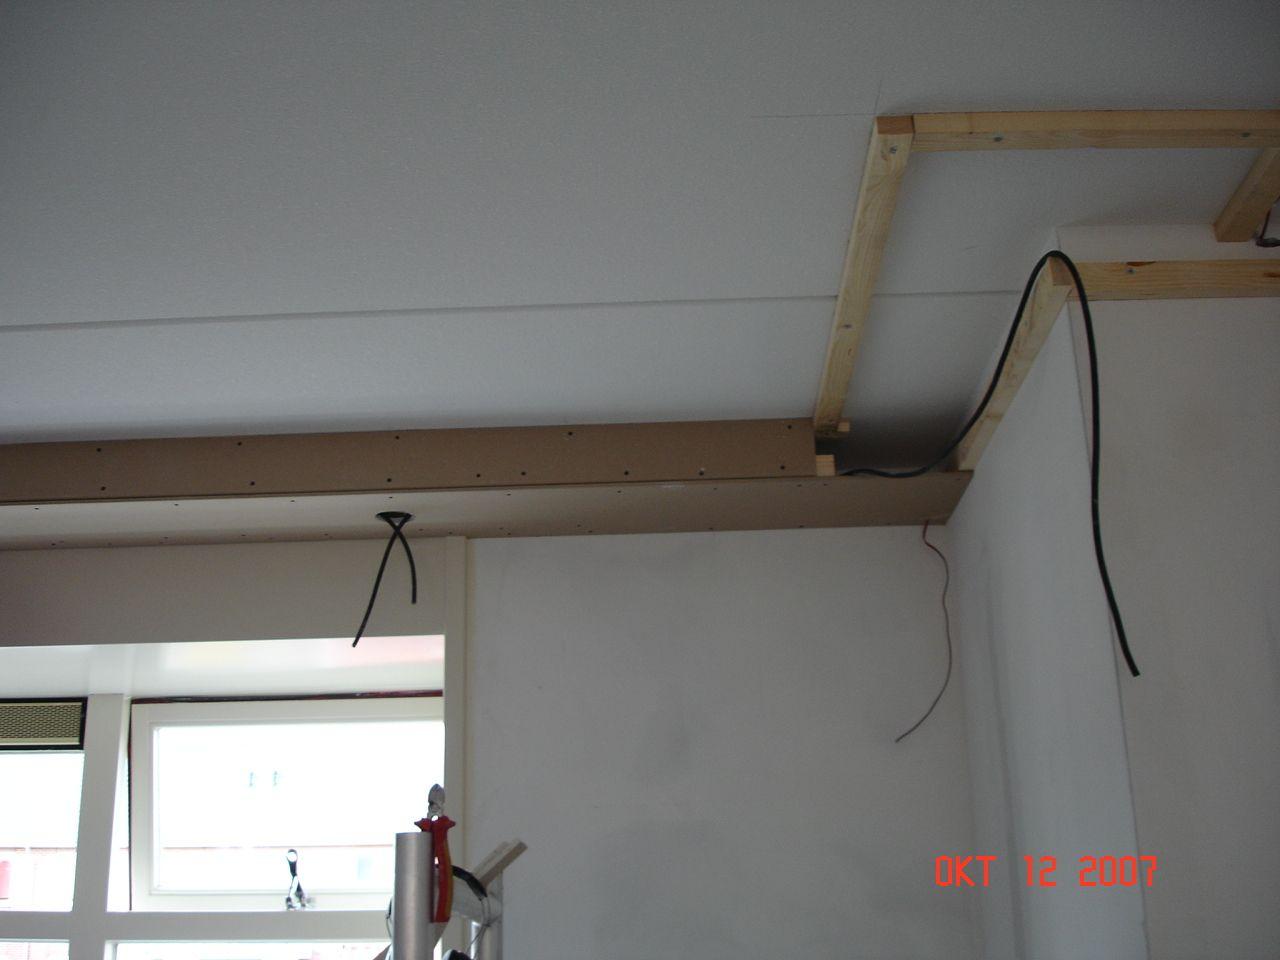 keuken koof | Koof Maken Voor Verlichting Op Plafond Pictures ...